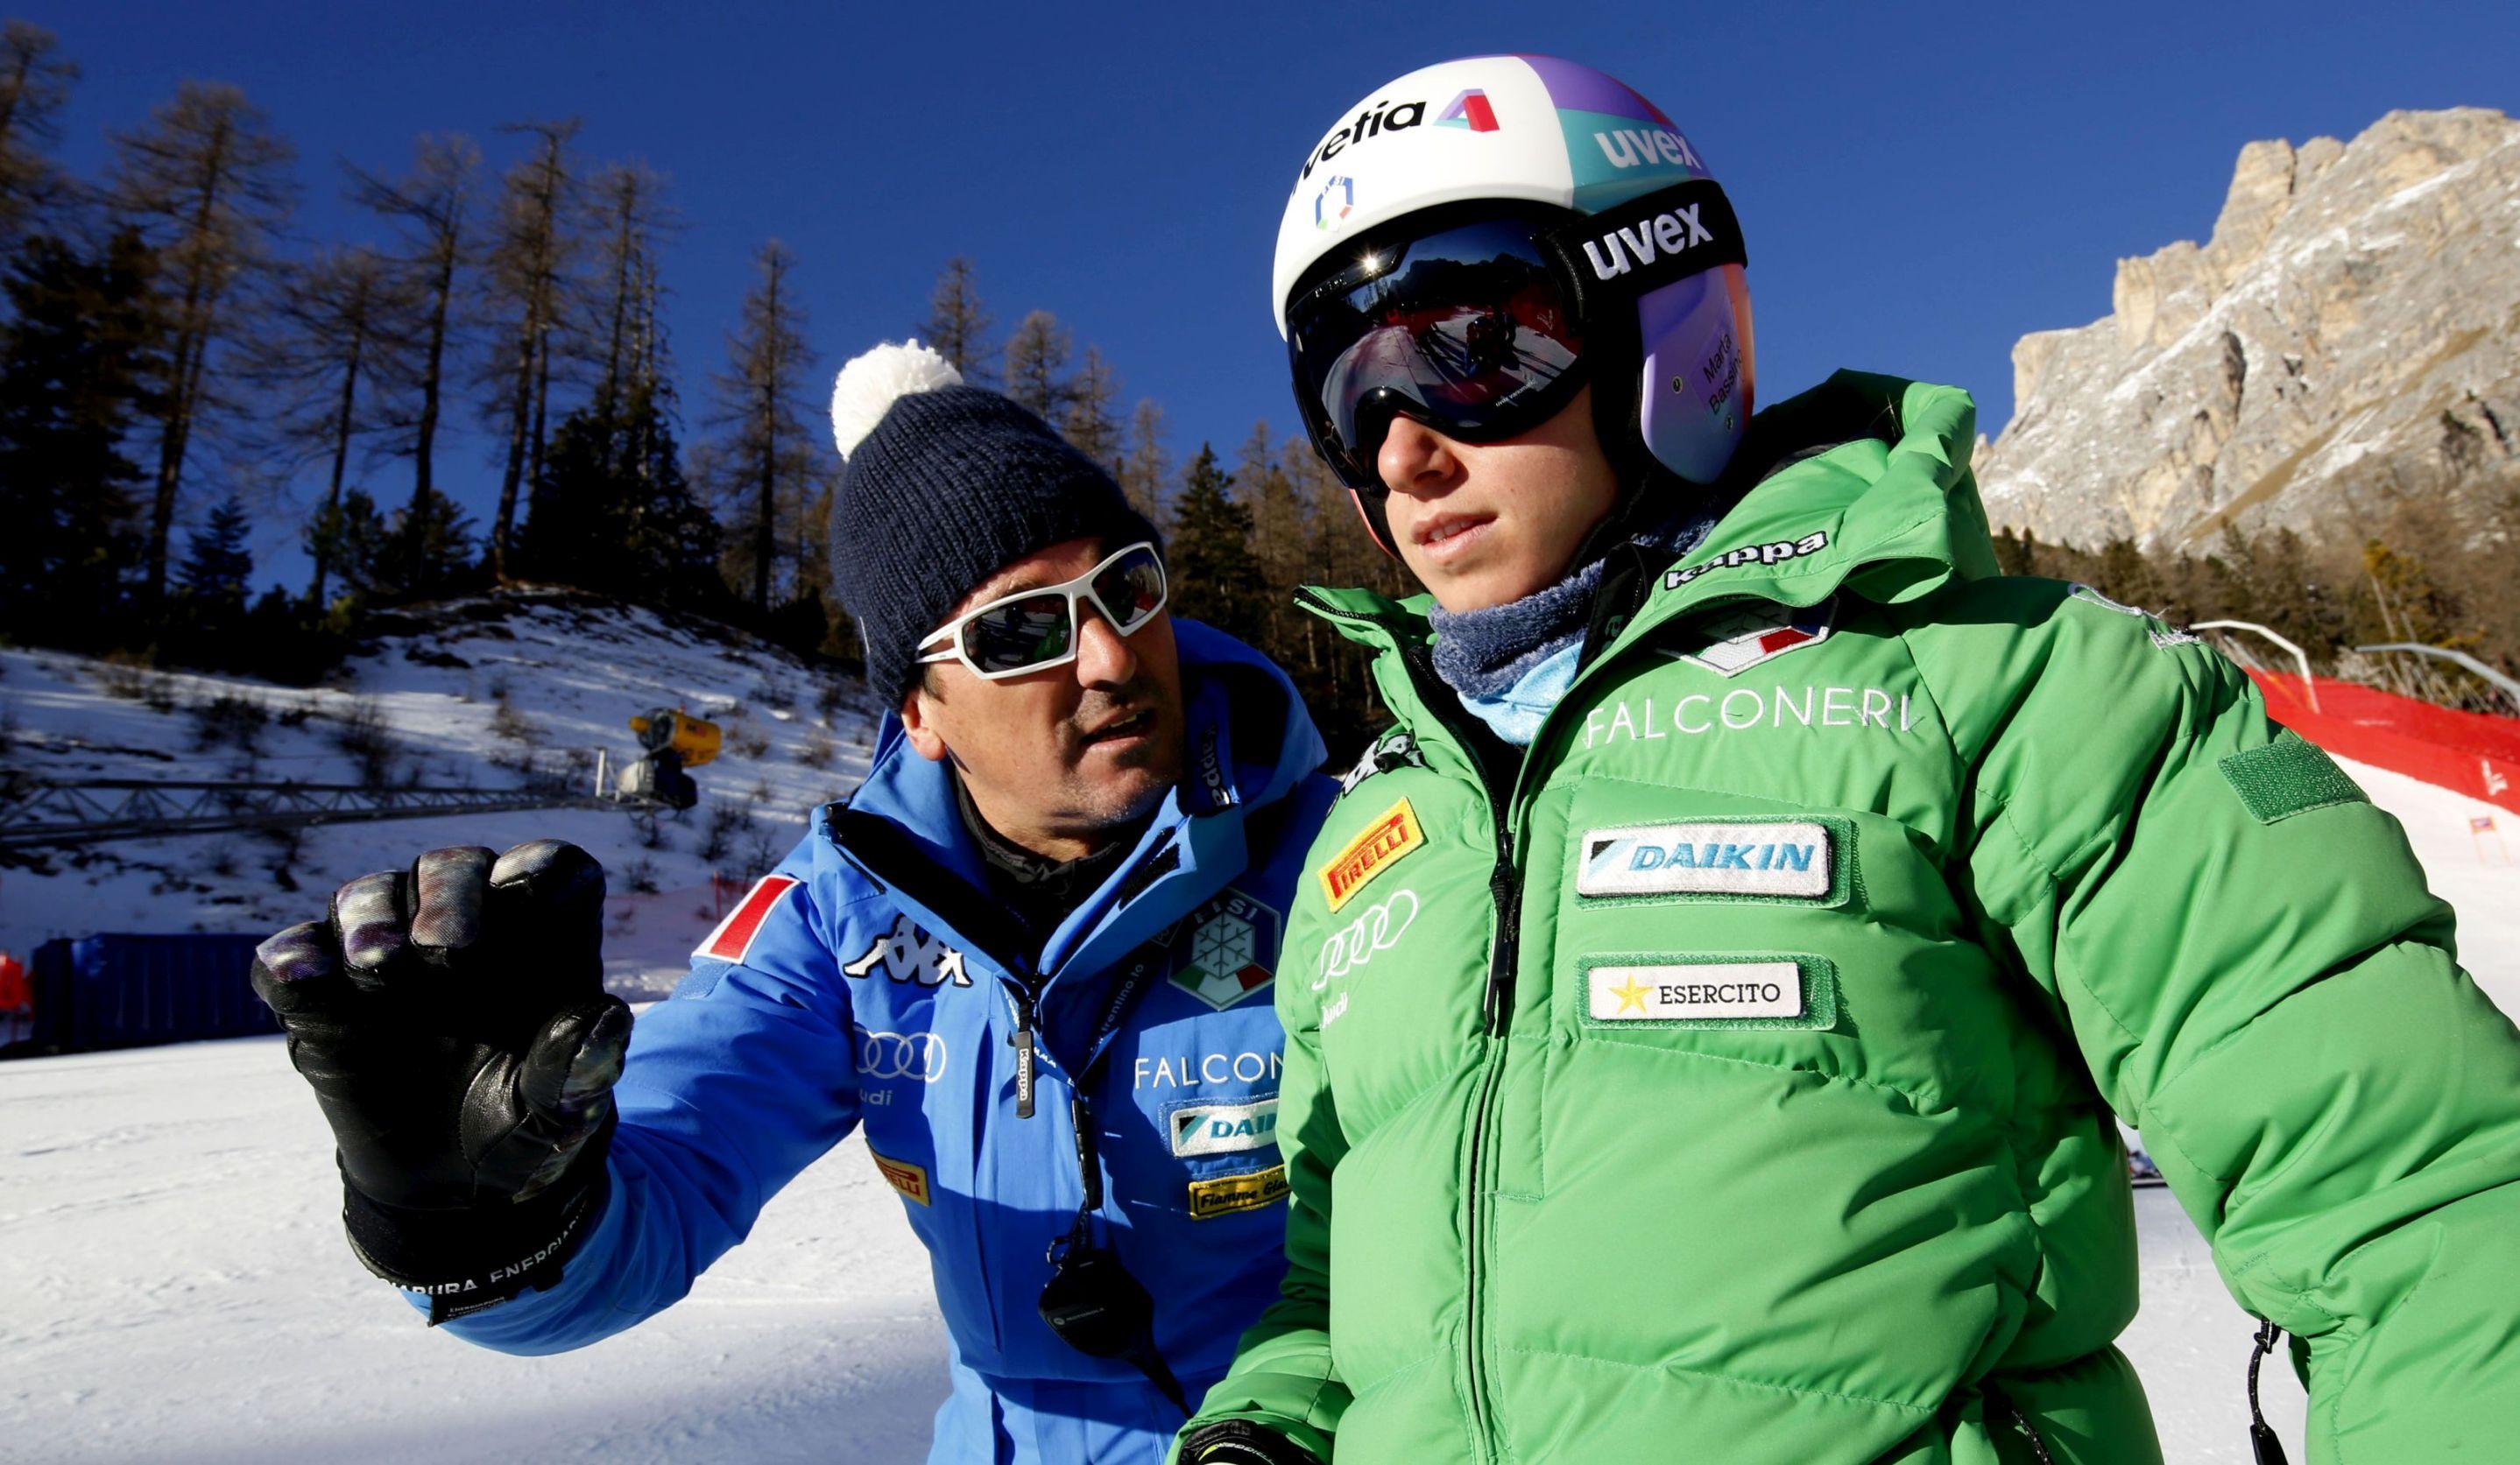 La Guida - Marta Bassino in gara ad Aspen nelle finali di Coppa